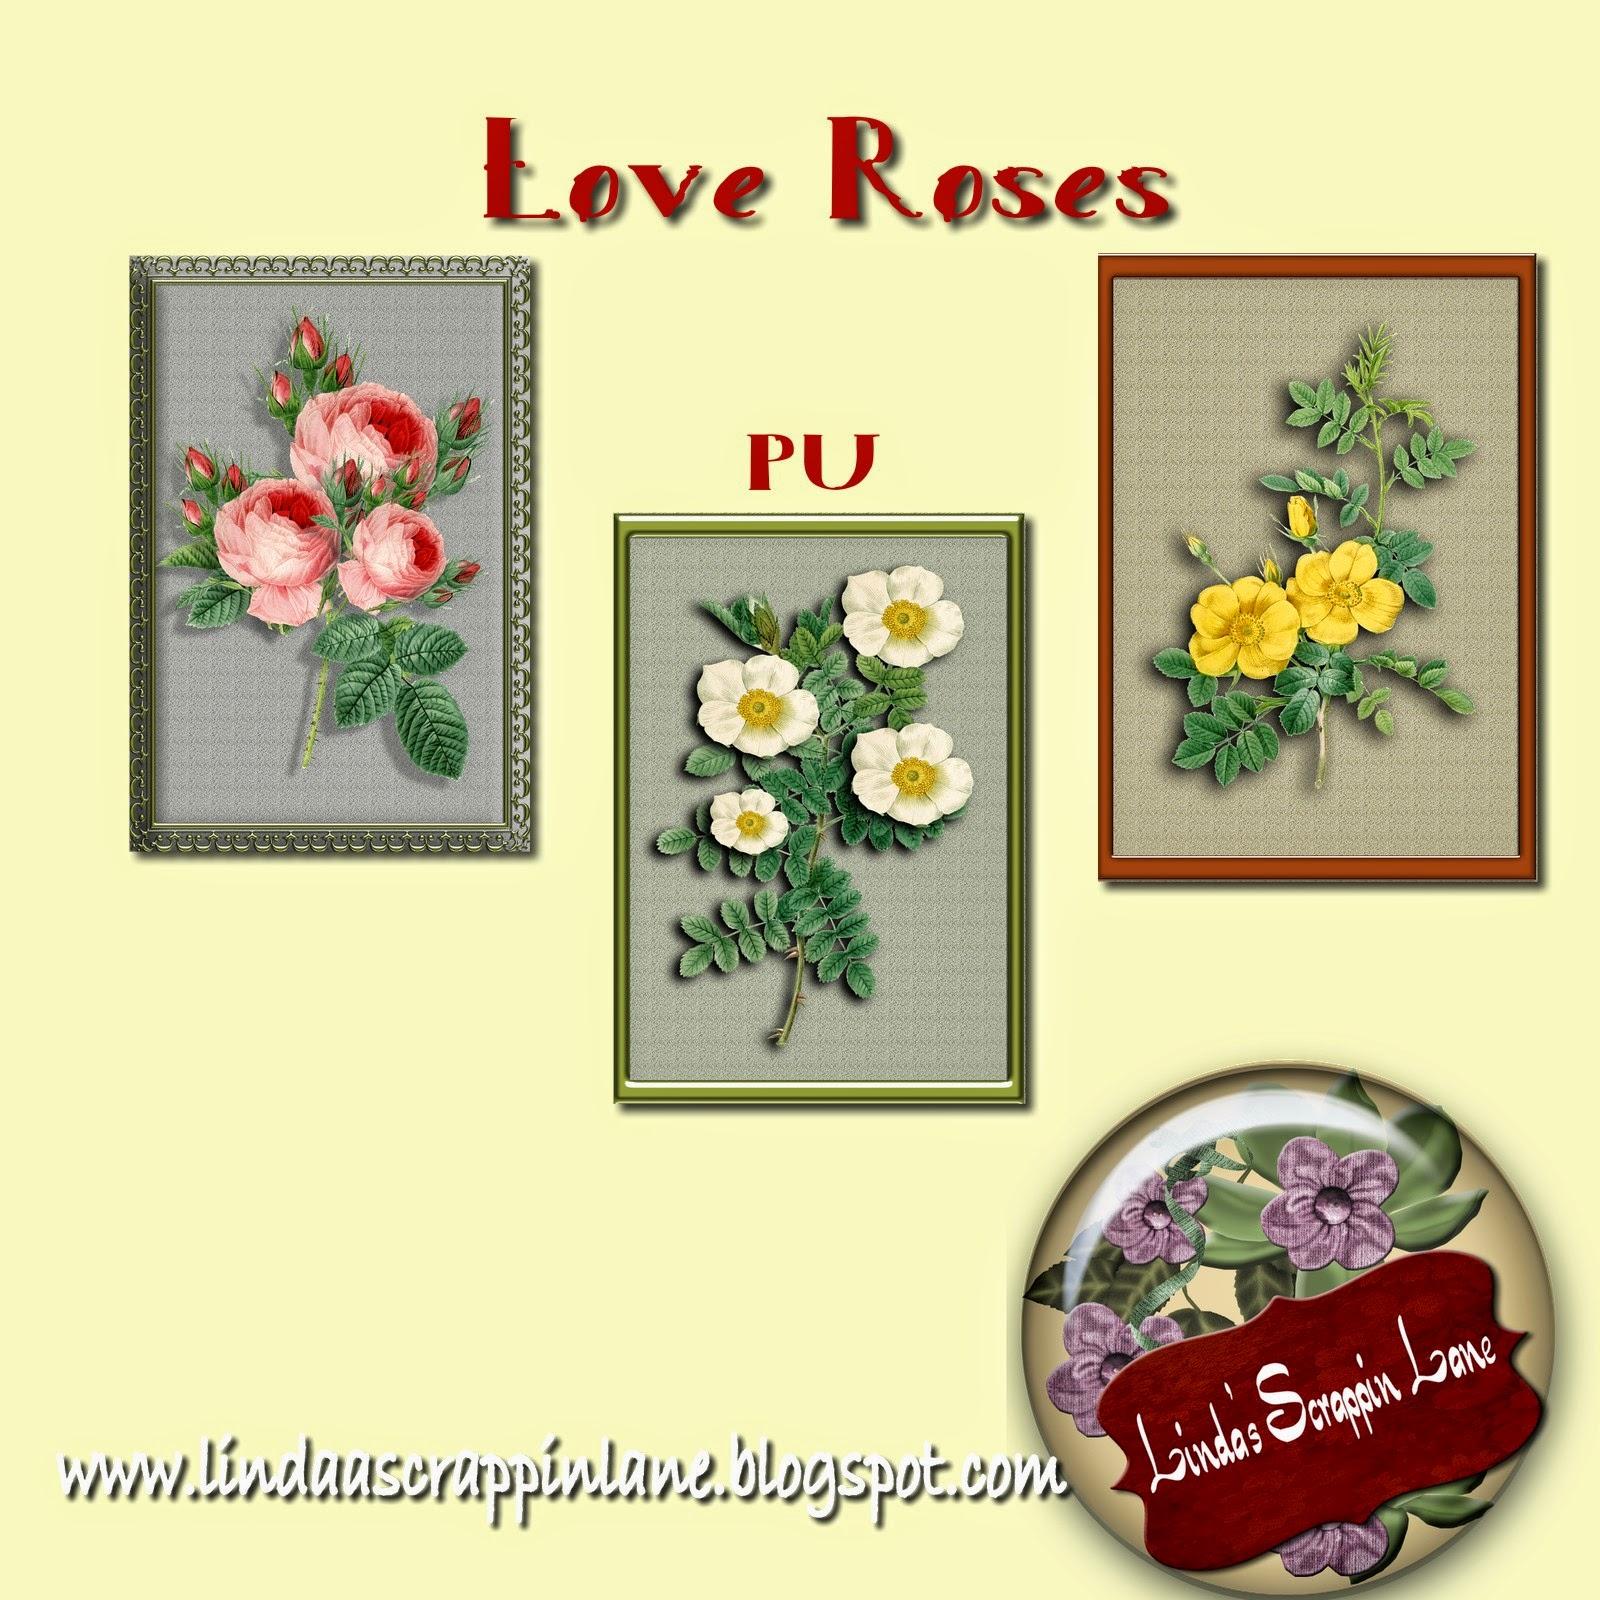 http://1.bp.blogspot.com/-qx3PxylH18Y/VK3x9FxNRrI/AAAAAAAABAw/q-8L37XtxQw/s1600/LSL%2BJan%2B8%2BBlog%2BFreebie%2BPreview.jpg